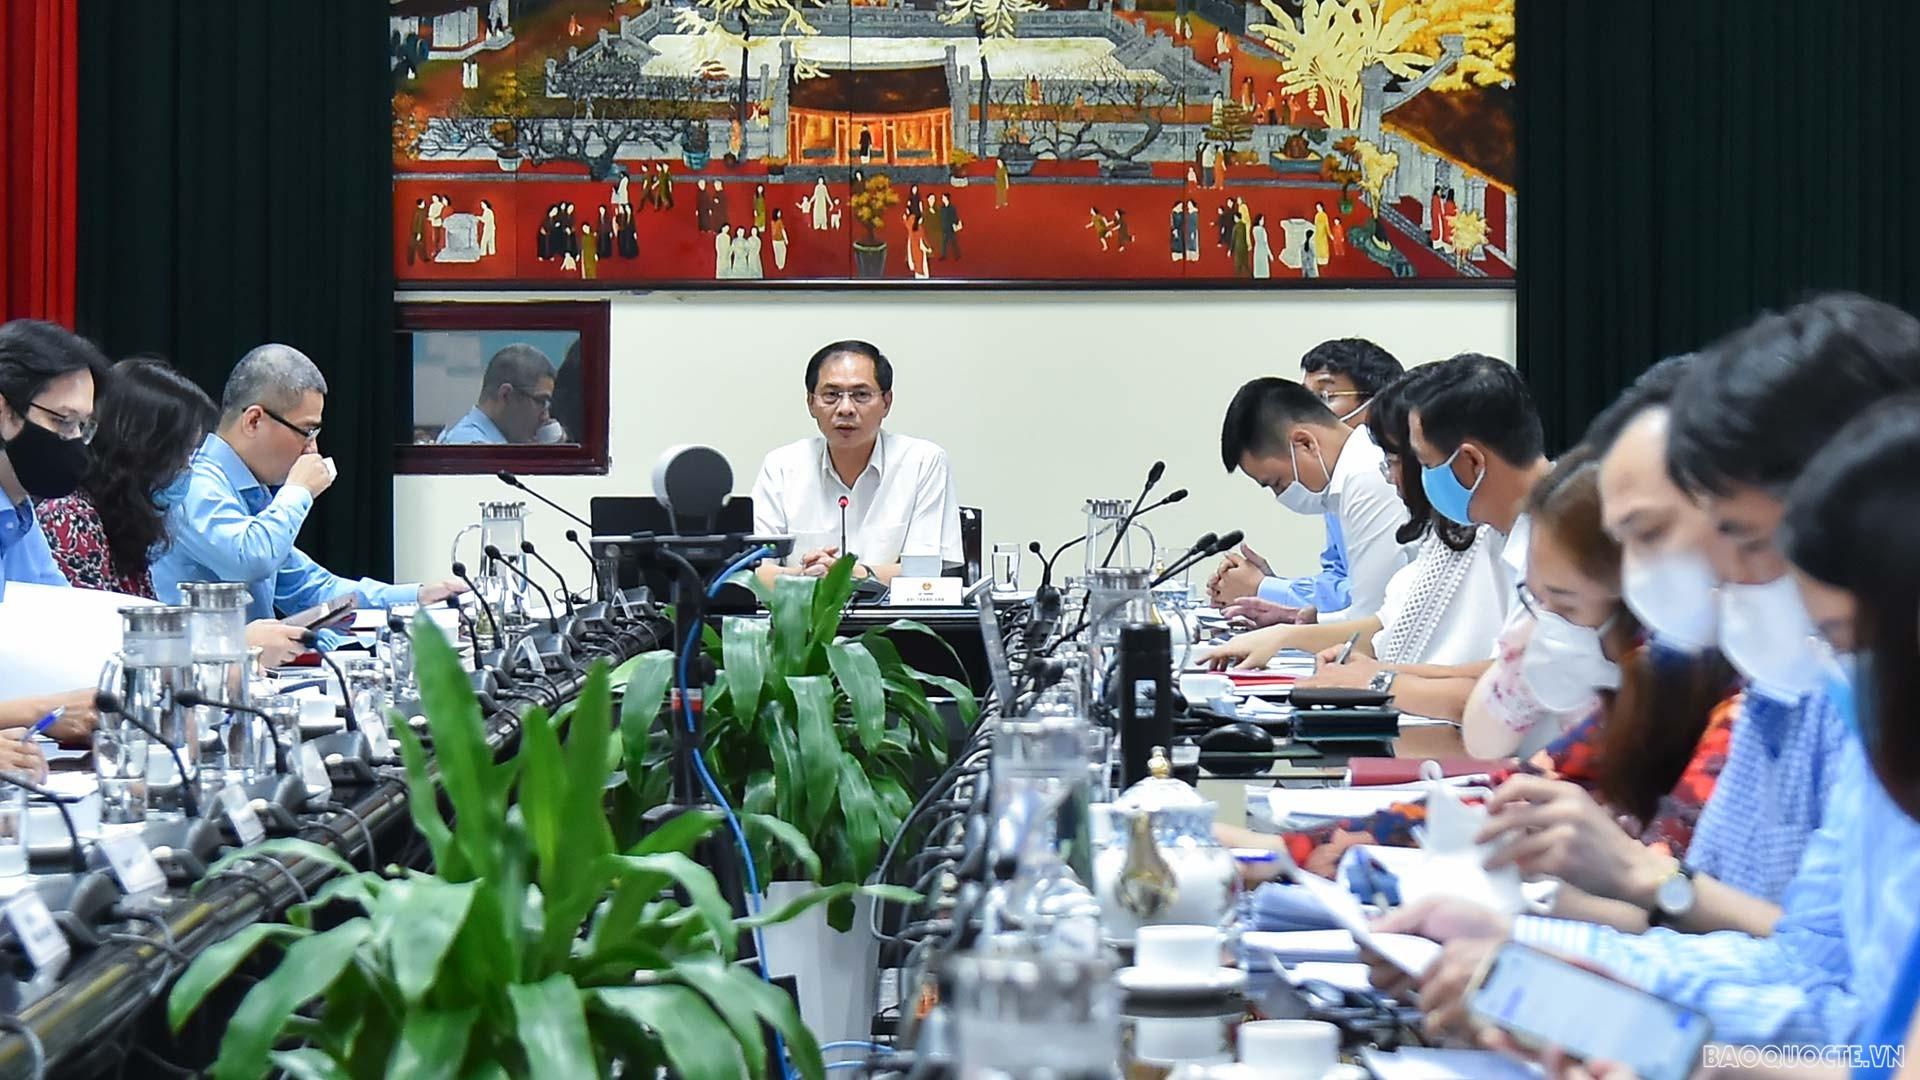 Hội nghị Ban Chấp hành Đảng bộ Bộ Ngoại giao lần thứ năm, sơ kết công tác 6 tháng đầu năm